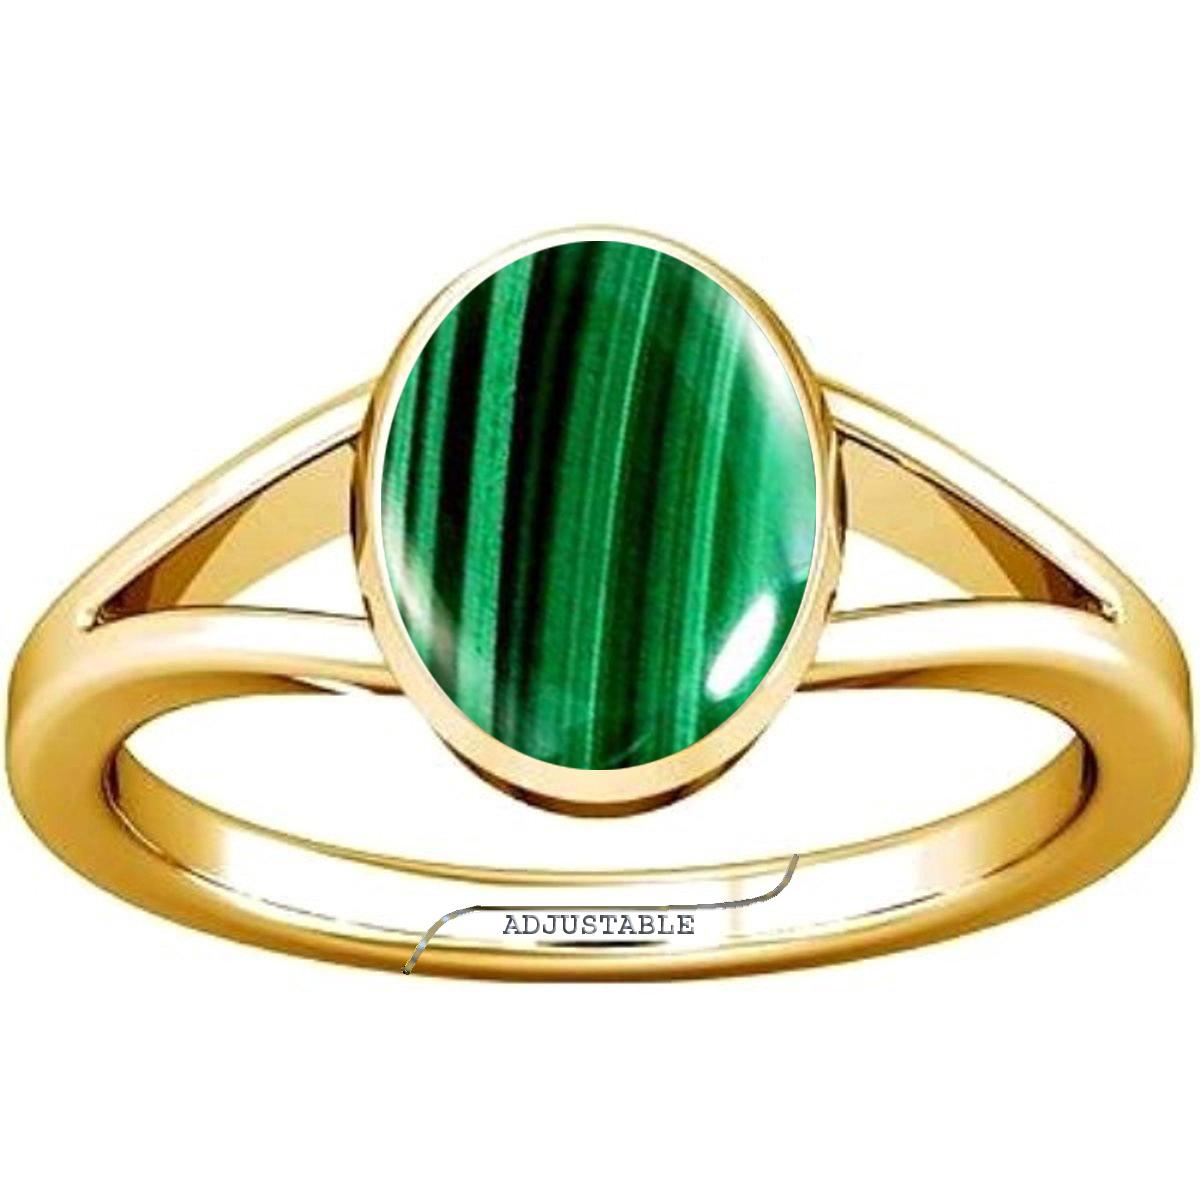 malachite panchdhatu adjustable ring